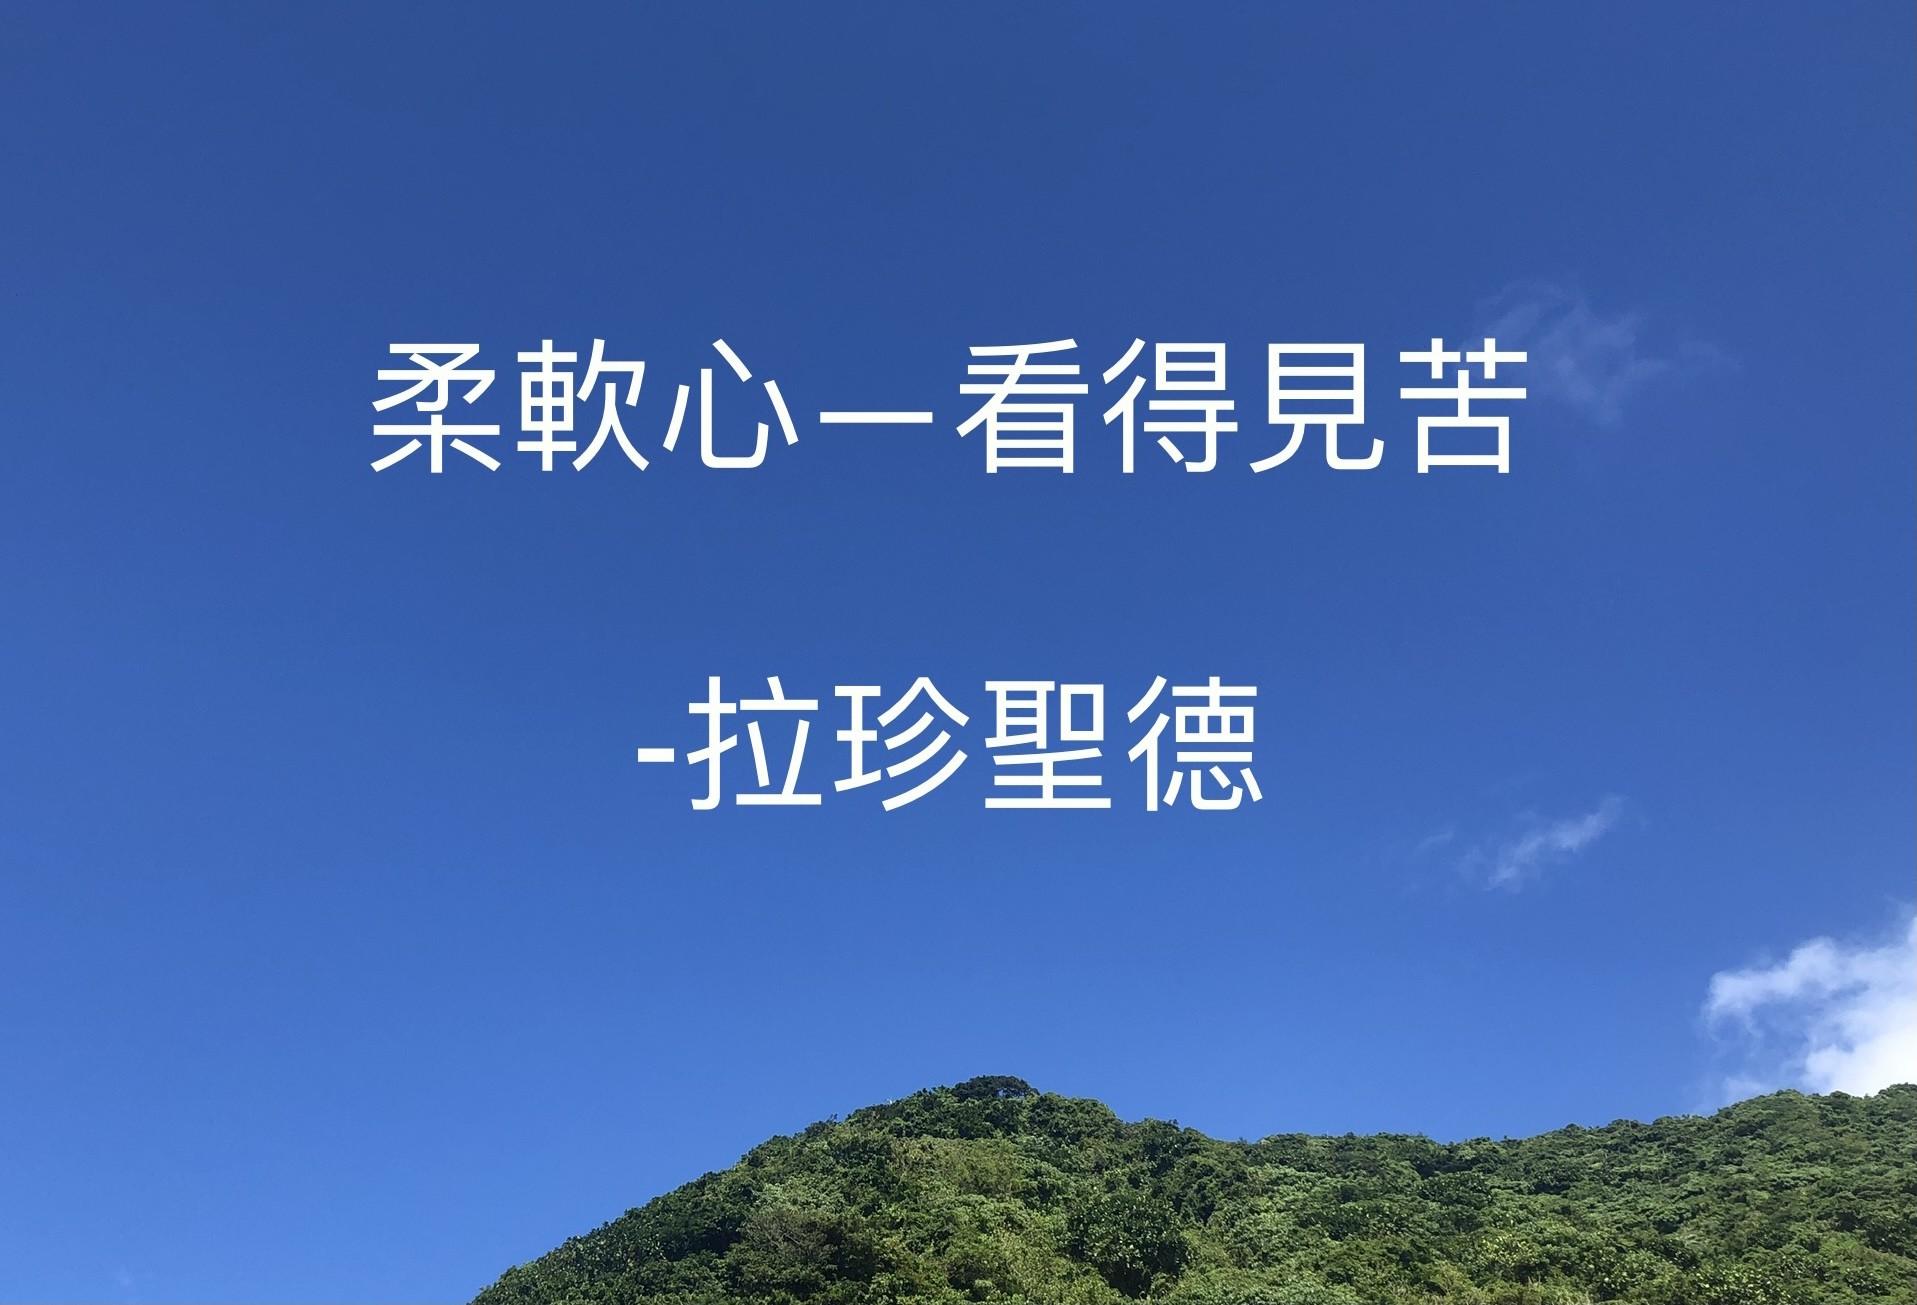 瑪倉派佛學會台中佛堂 柔軟心看得見苦 拉珍聖德